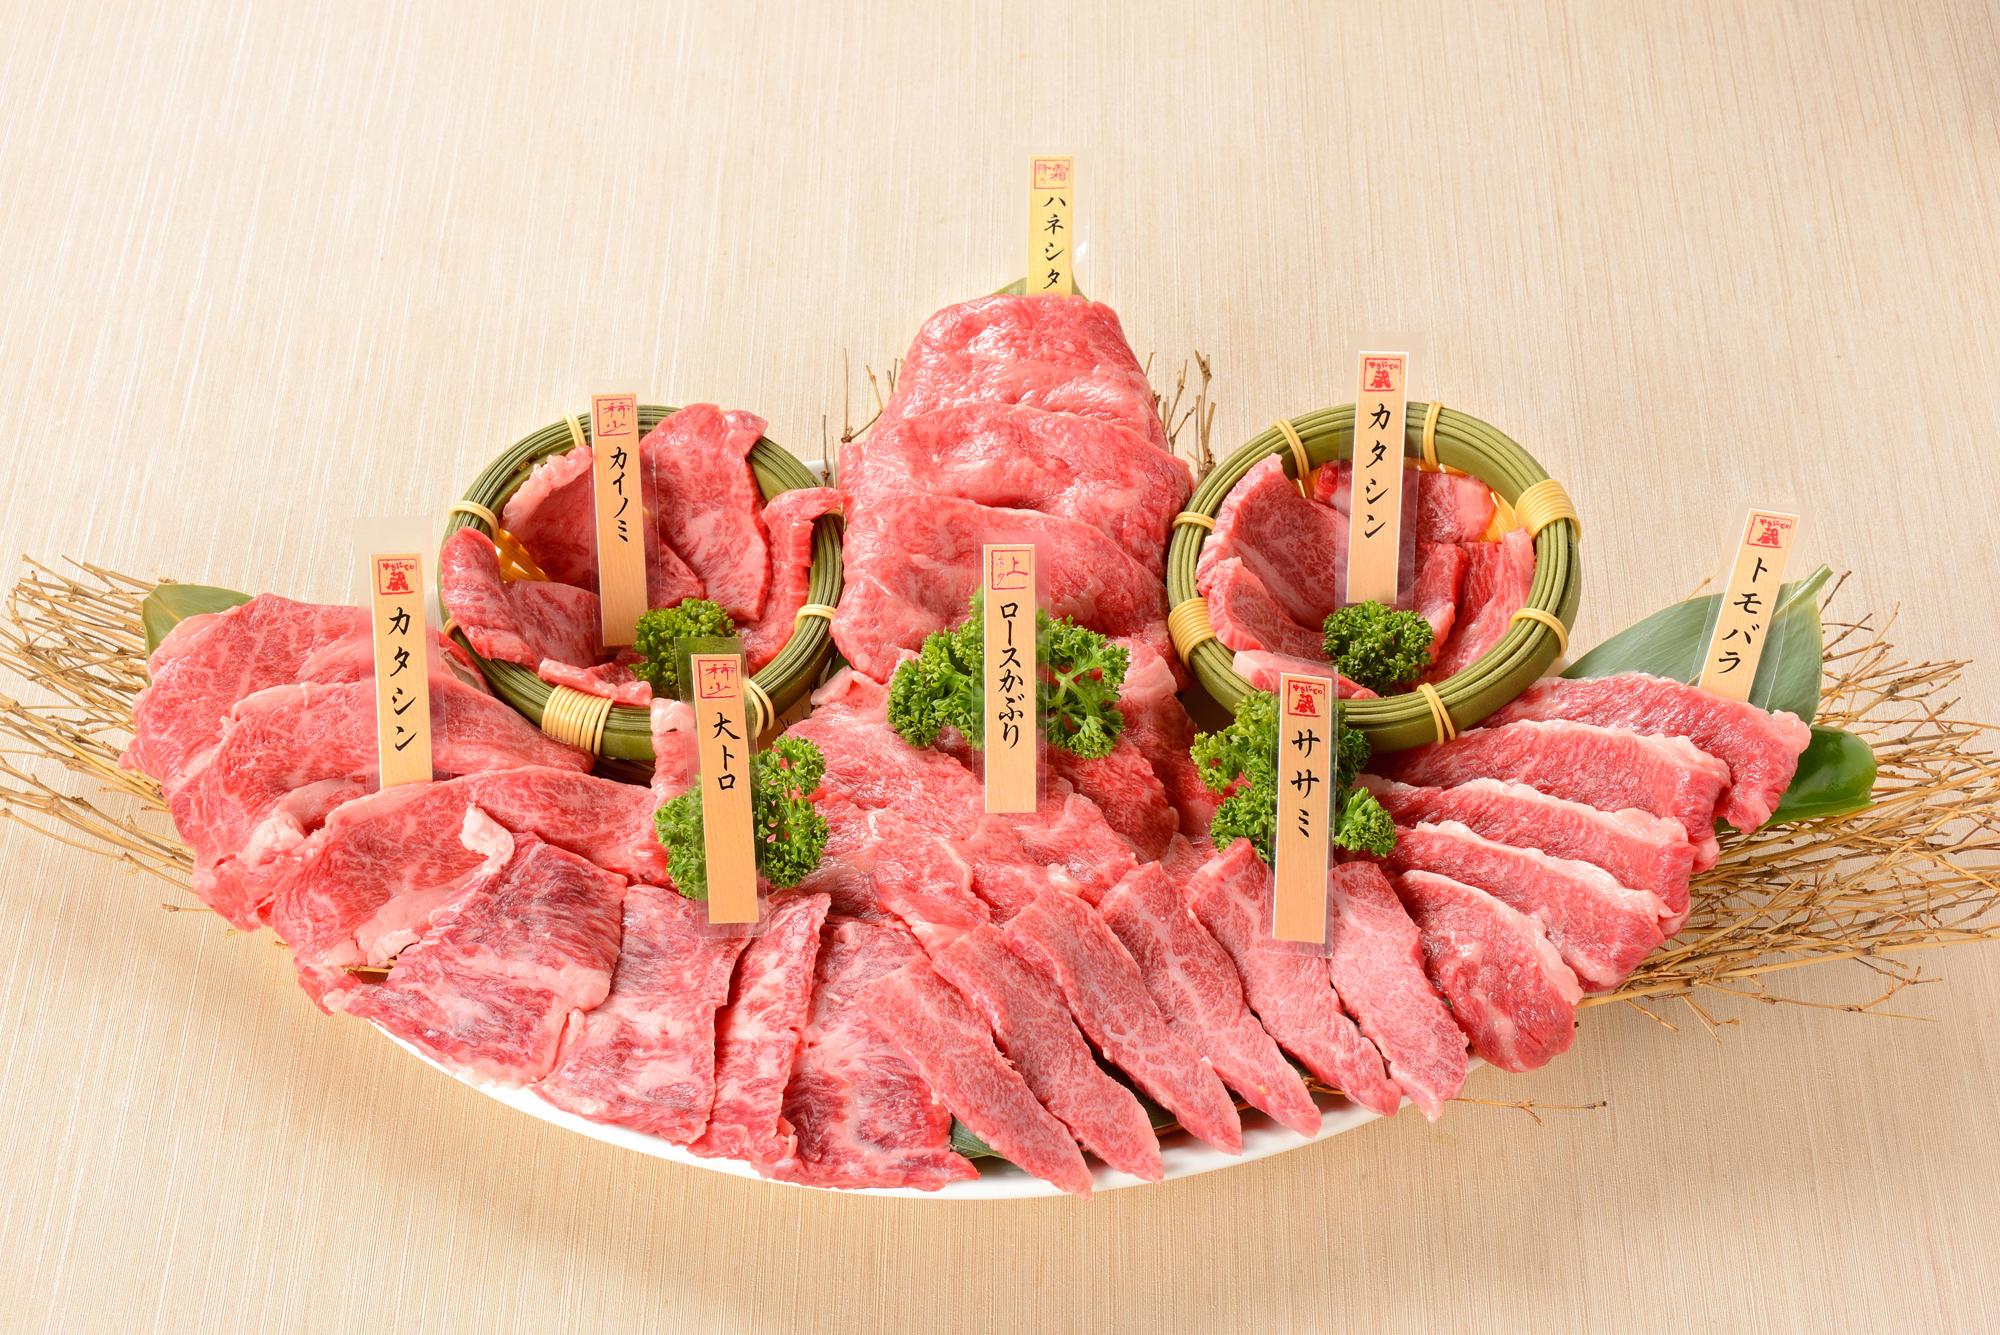 誕生日に食事券をプレゼント。愛媛の極上焼肉&焼鳥でお祝いしよう